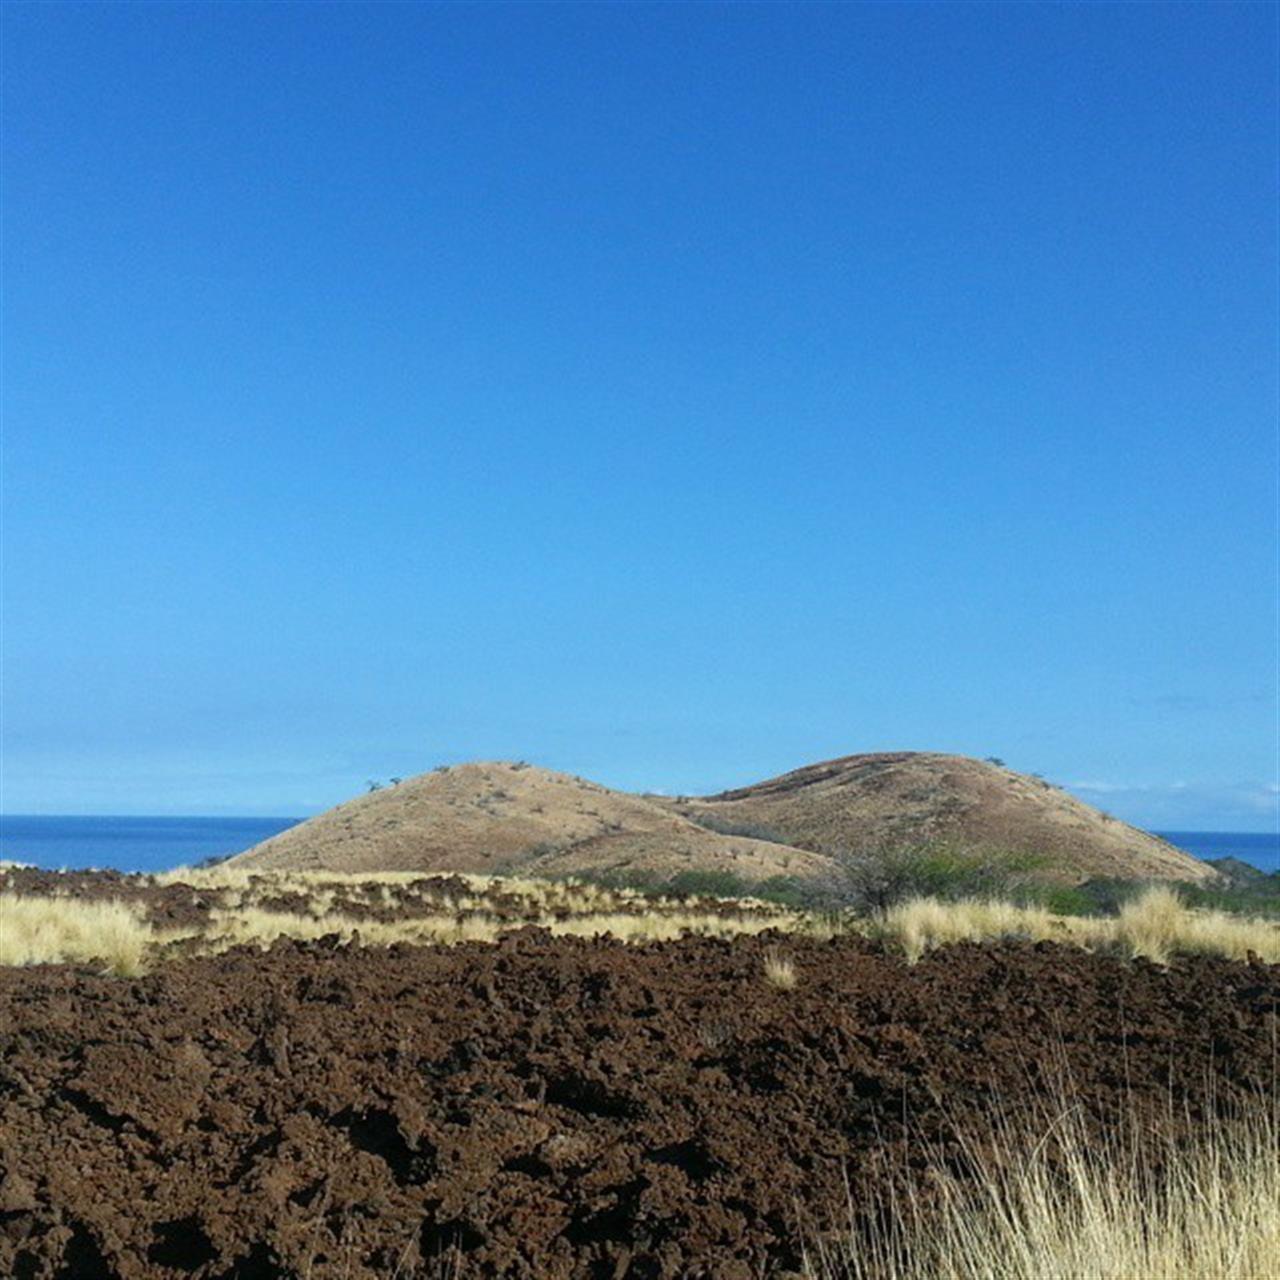 Hawaii, Big Island, Kona-Kohala Coast, Kua Bay, Clark Realty